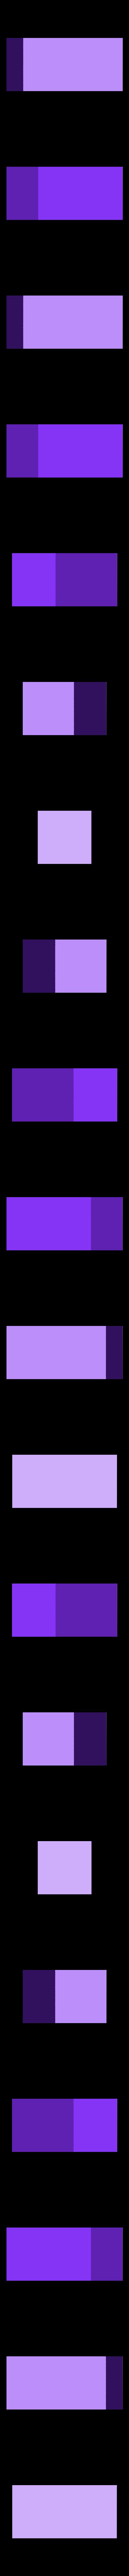 SQUARE_BOAT.STL Télécharger fichier STL gratuit Les bateaux à pièces d'Archimède • Modèle à imprimer en 3D, daGHIZmo